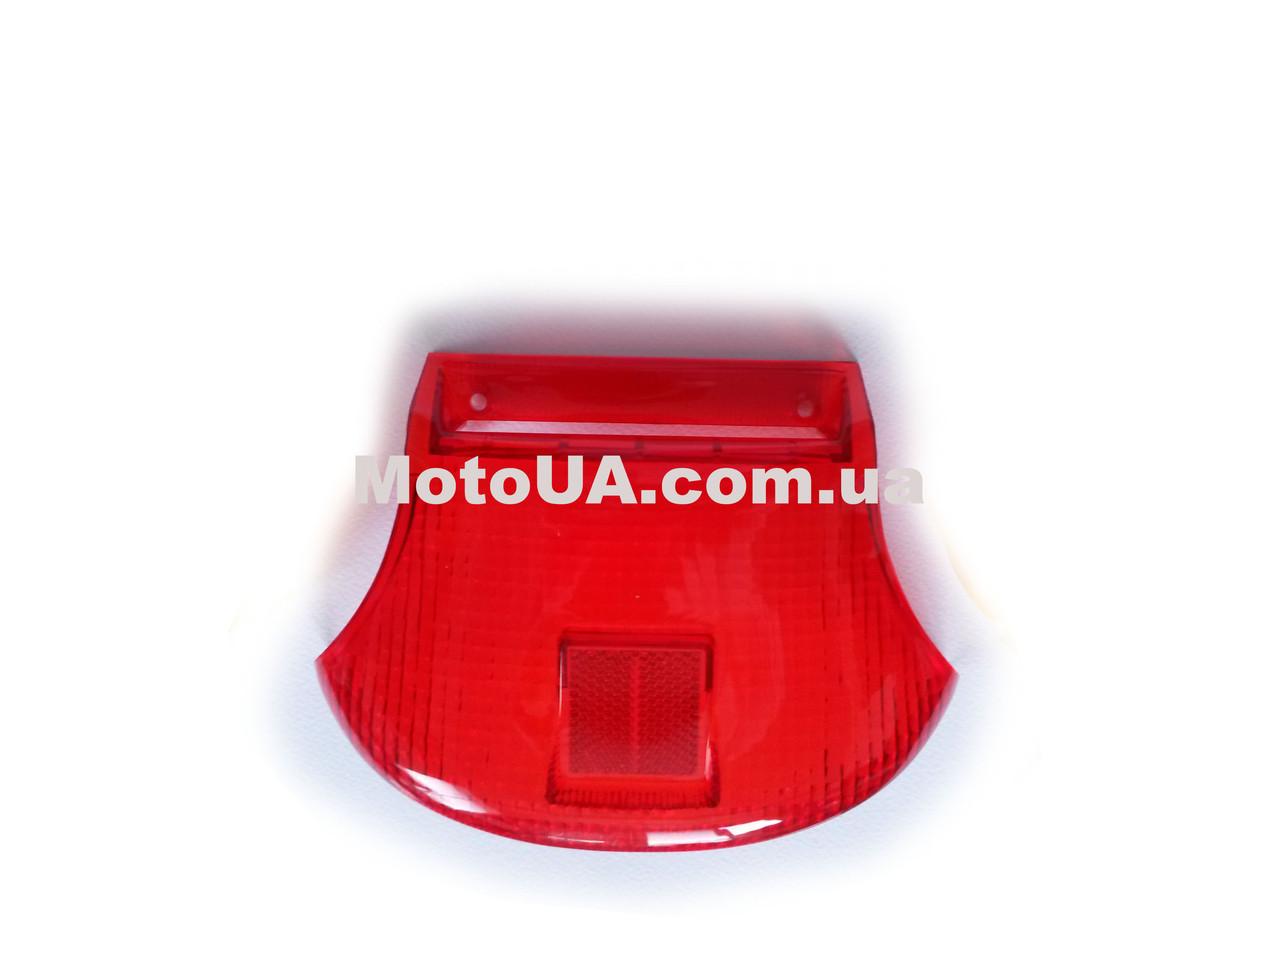 Стекло стоп-сигнала SUZUKI LETS (красное)